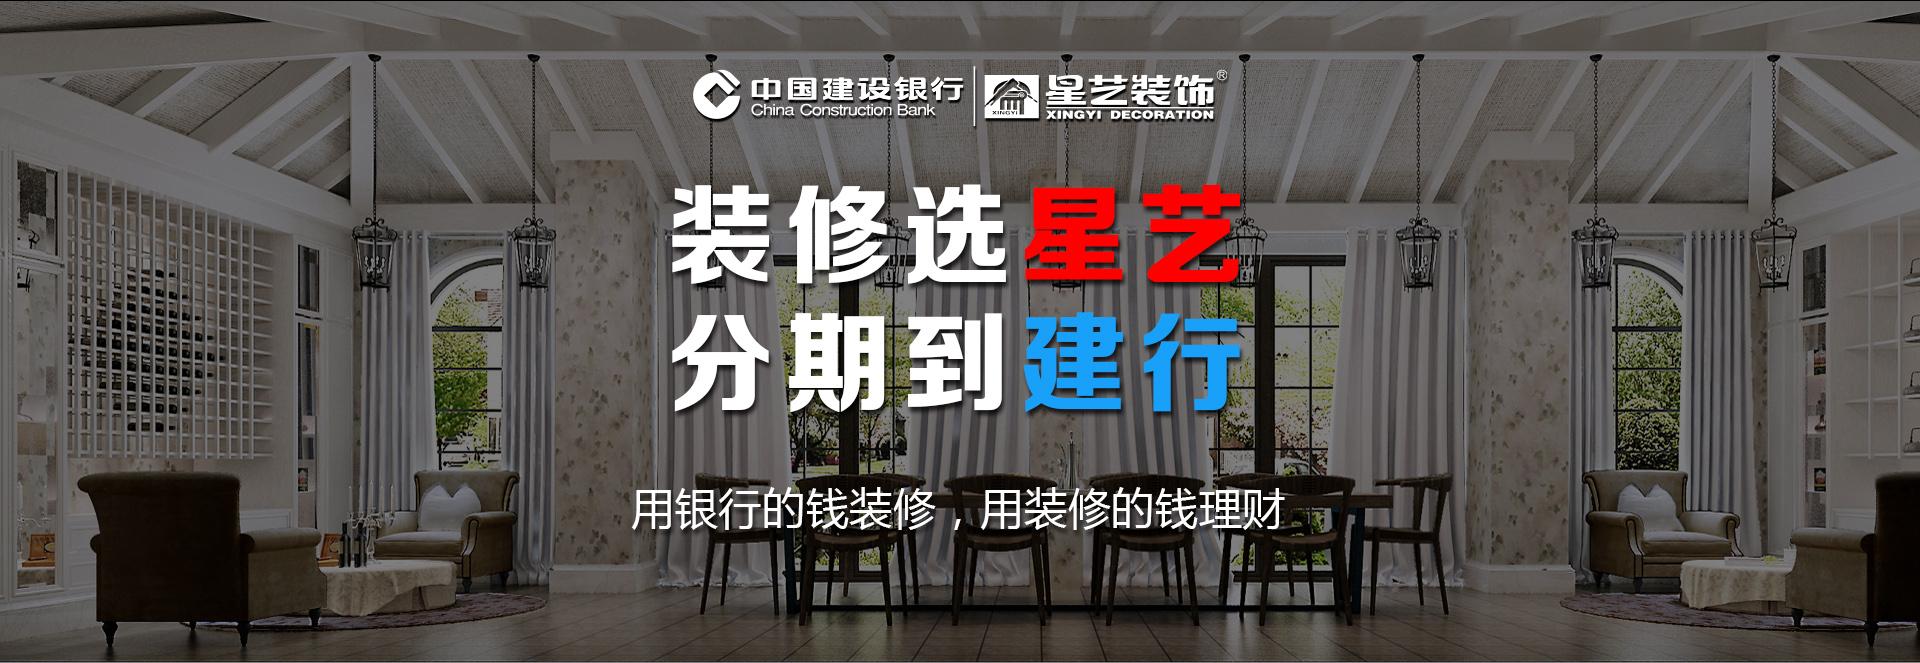 星艺装饰玉林分公司_广东星艺装饰集团股份有限公司 主页